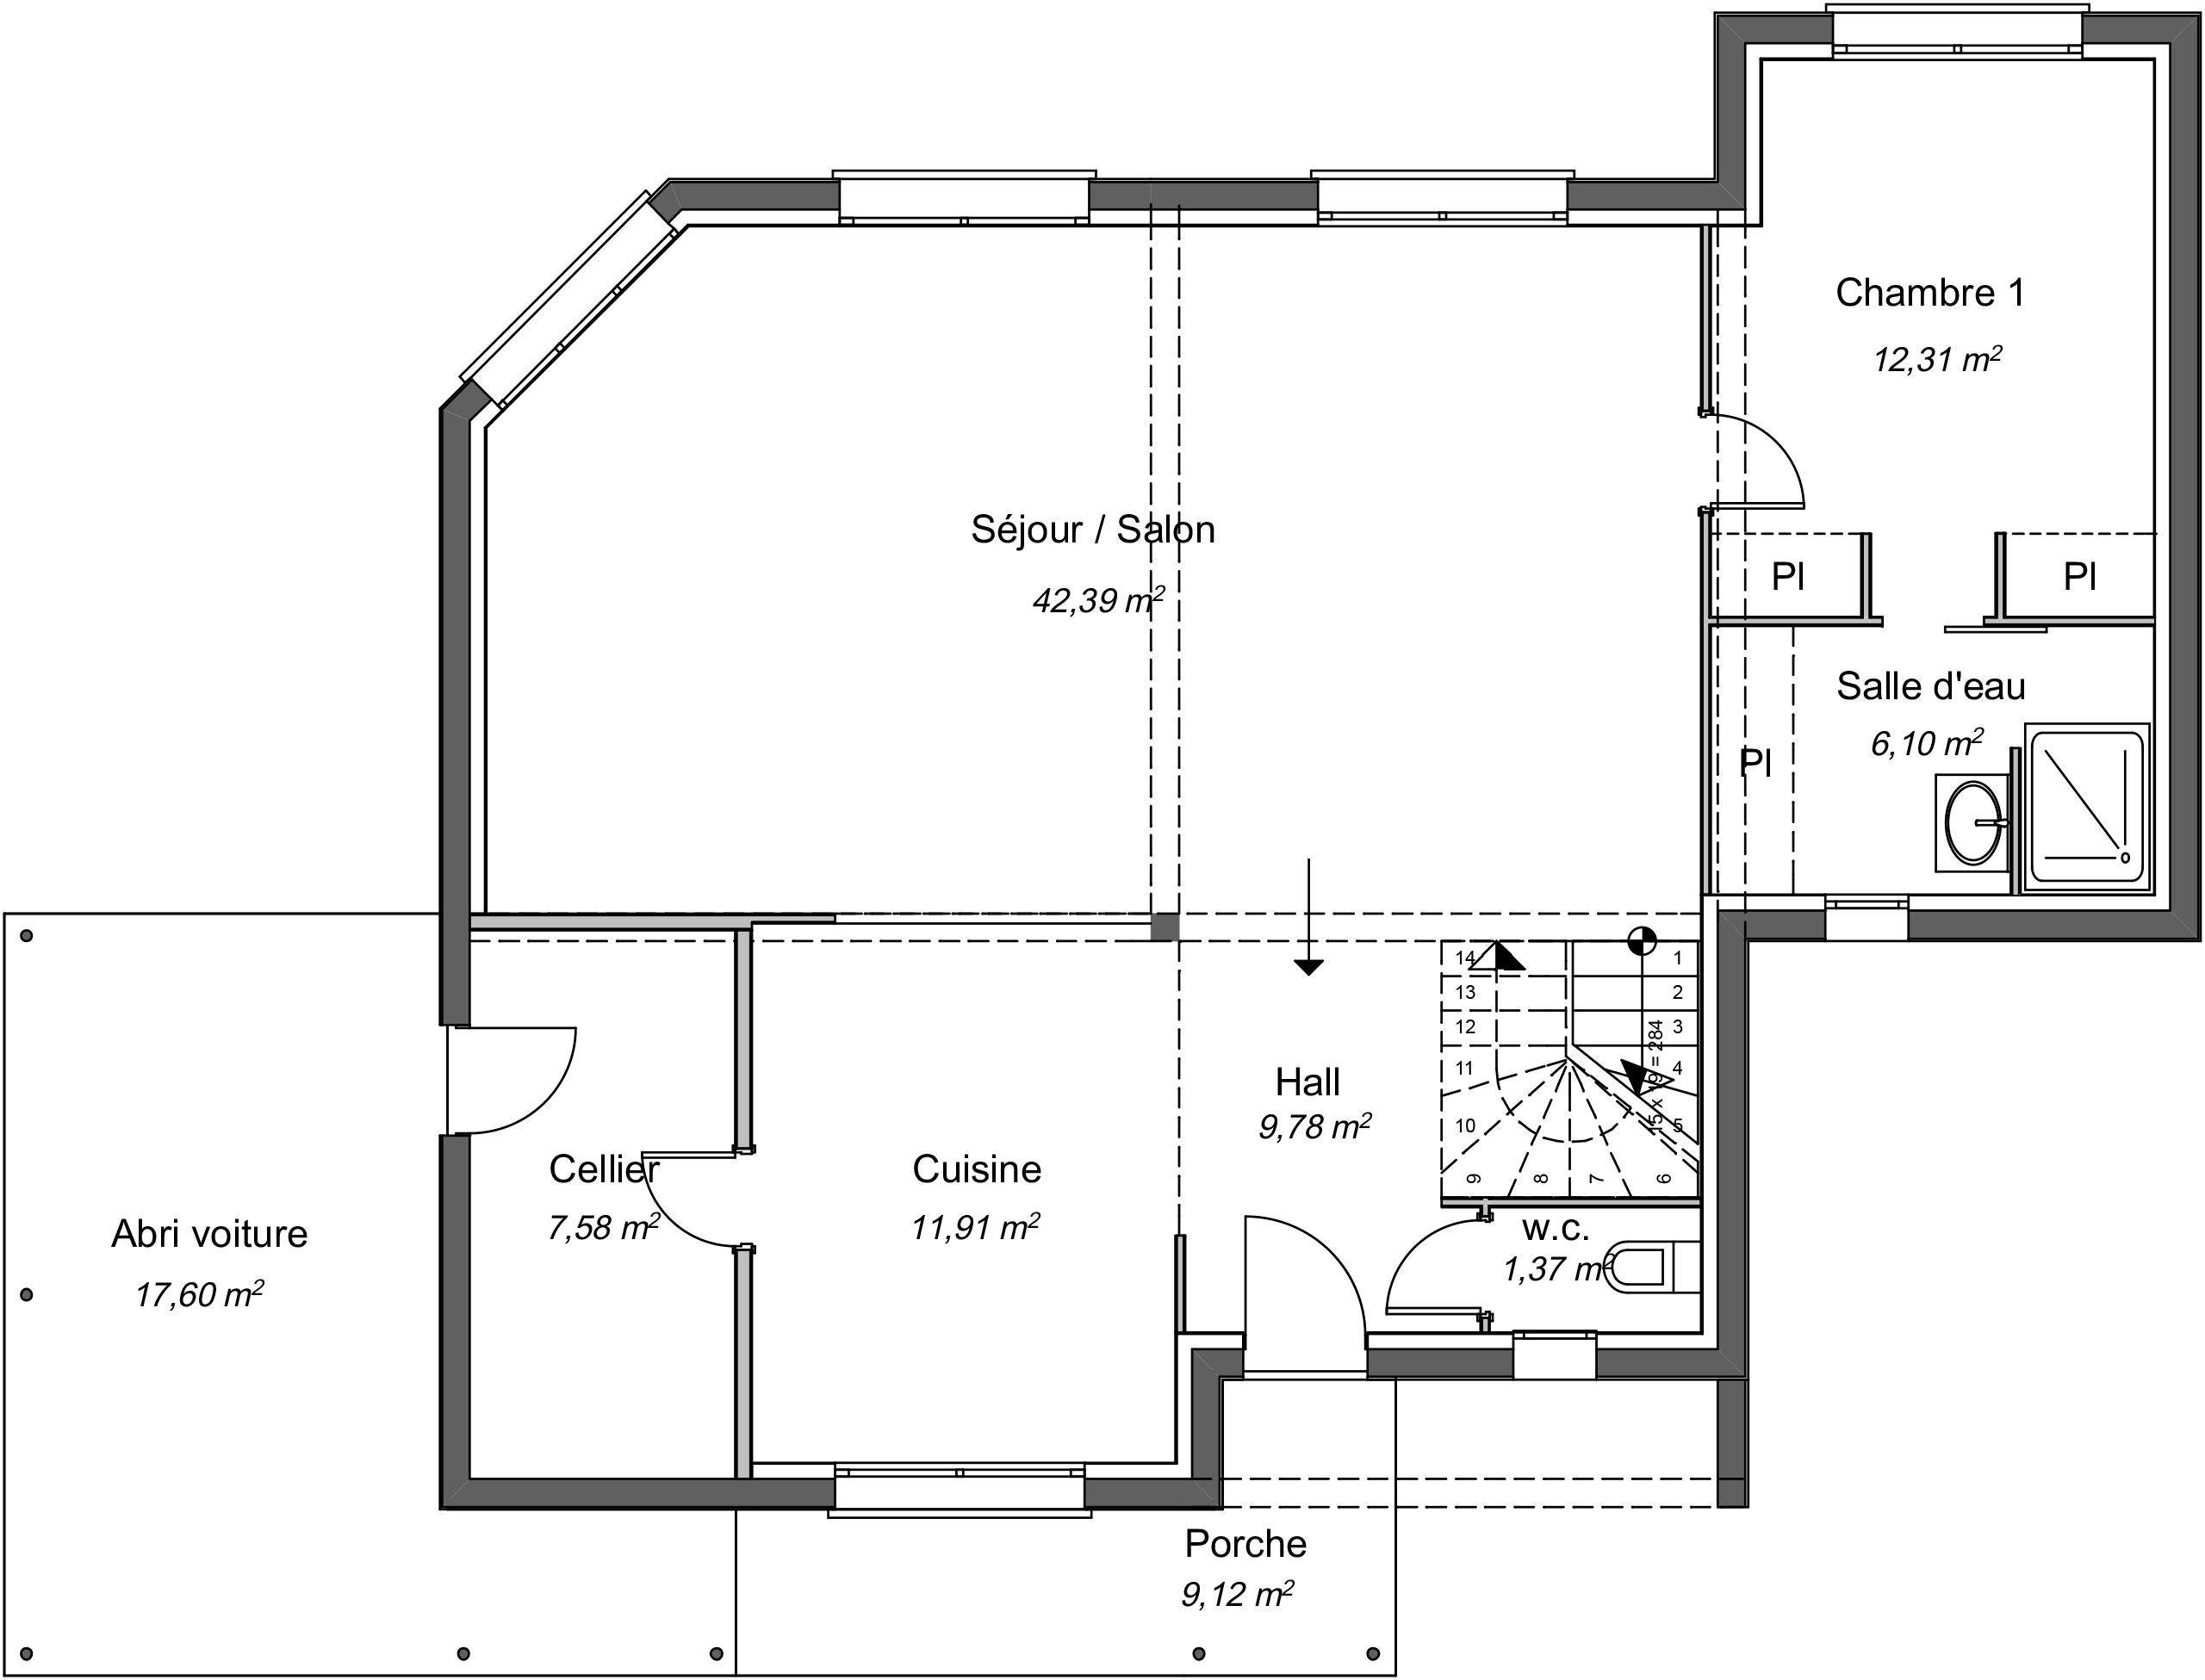 Maison Contemporaine Etage Baobab Avec Plans Demeures D Aquitaine Constructeur Maison Individuelle Nouvelle Aquitaine